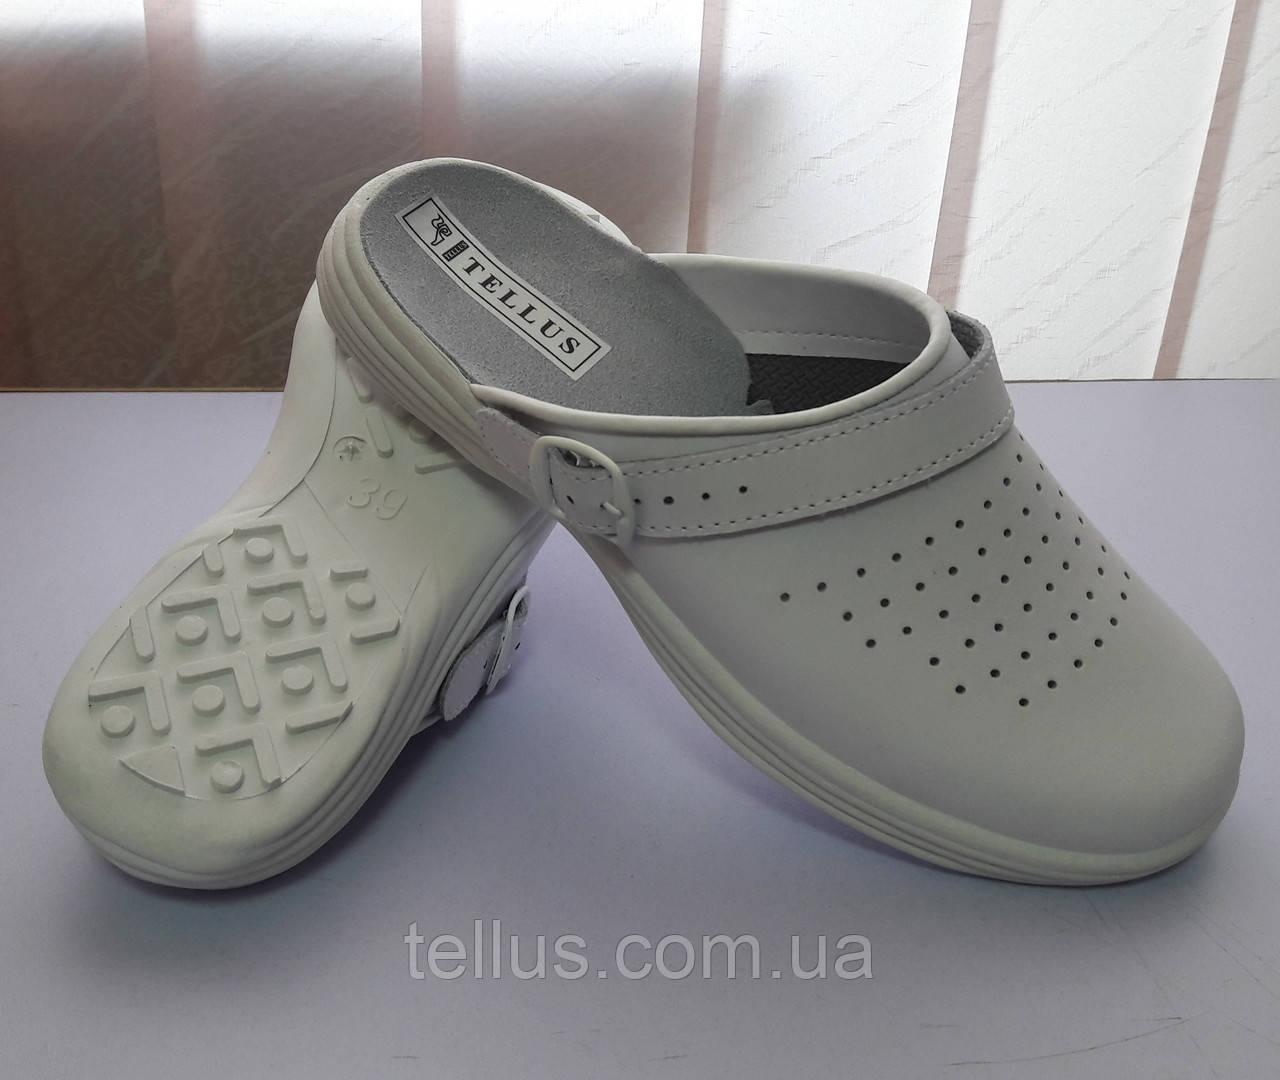 Медицинская кожаная обувь с влаговпитывающей подкладкой, фото 1